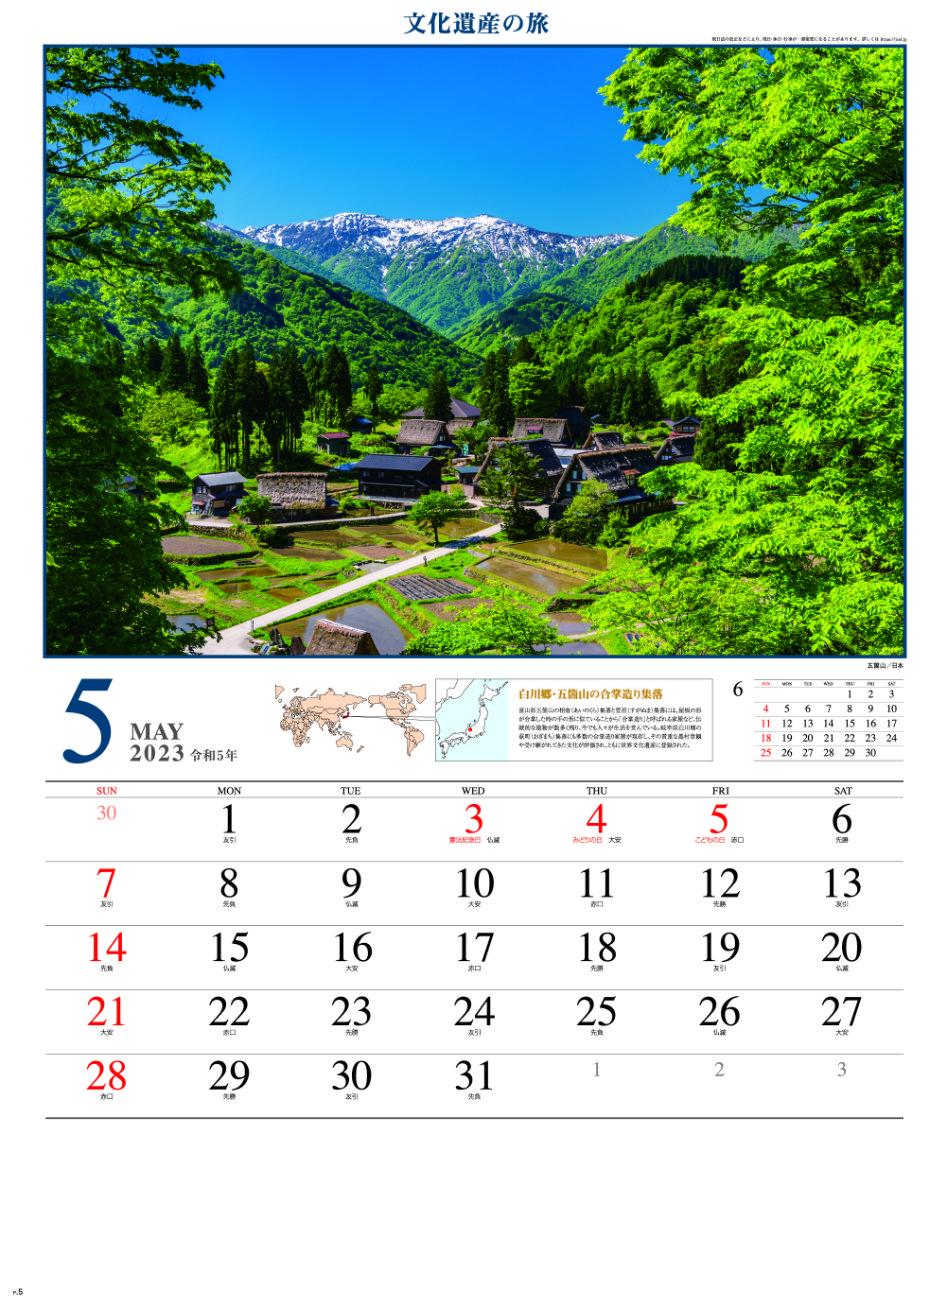 5月 アルベロベッロのトゥルッリ イタリア 文化遺産の旅(ユネスコ世界遺産) 2022年カレンダーの画像